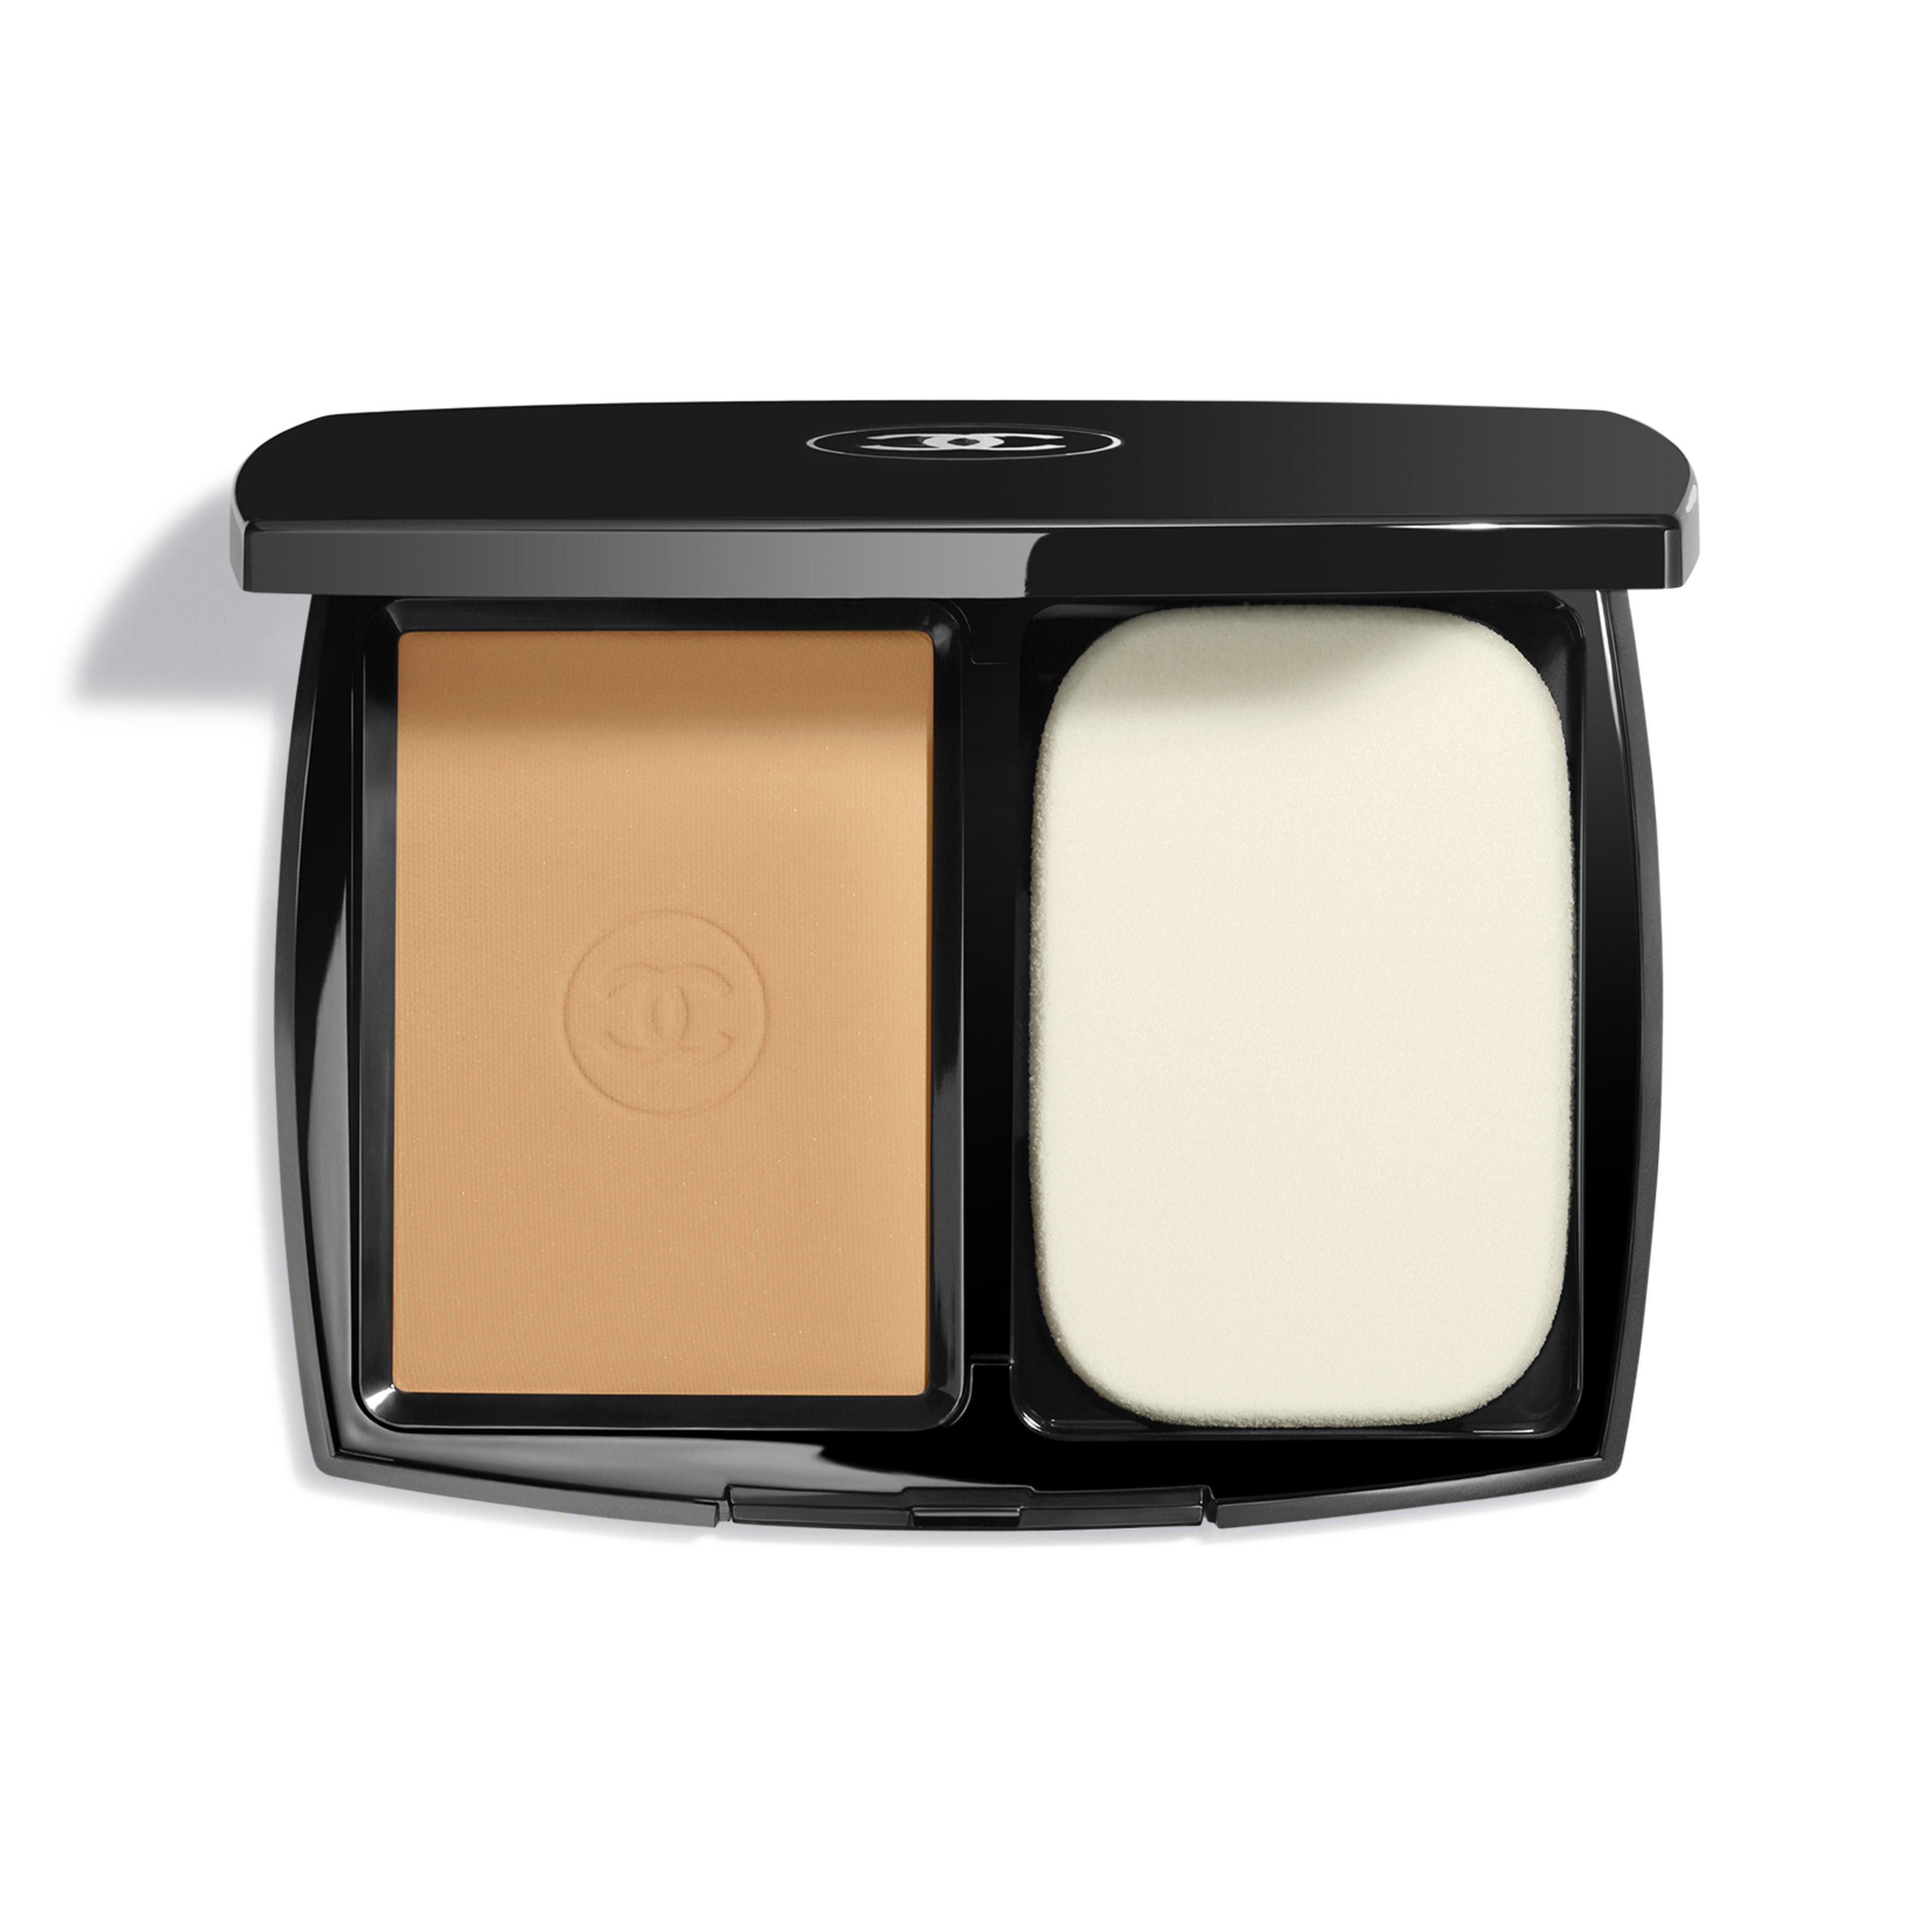 LE TEINT ULTRA TENUE - makeup - 0.45OZ. - Default view